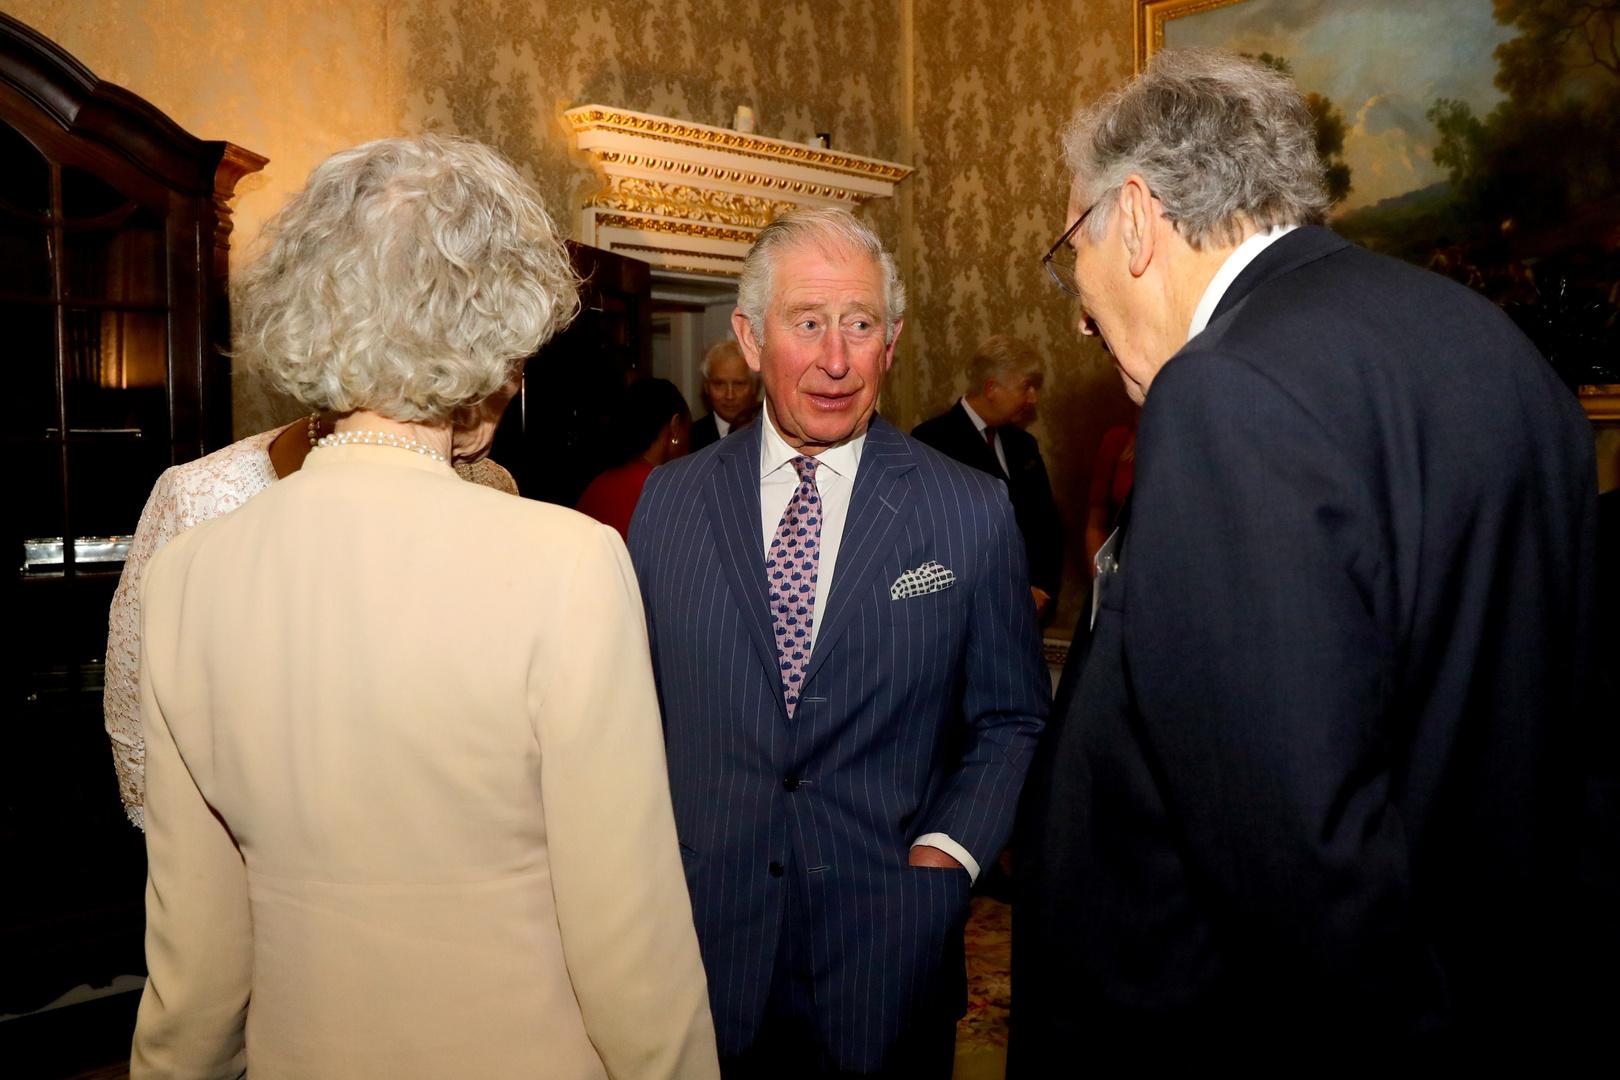 إصابة ولي العهد البريطاني الأمير تشارلز بفيروس